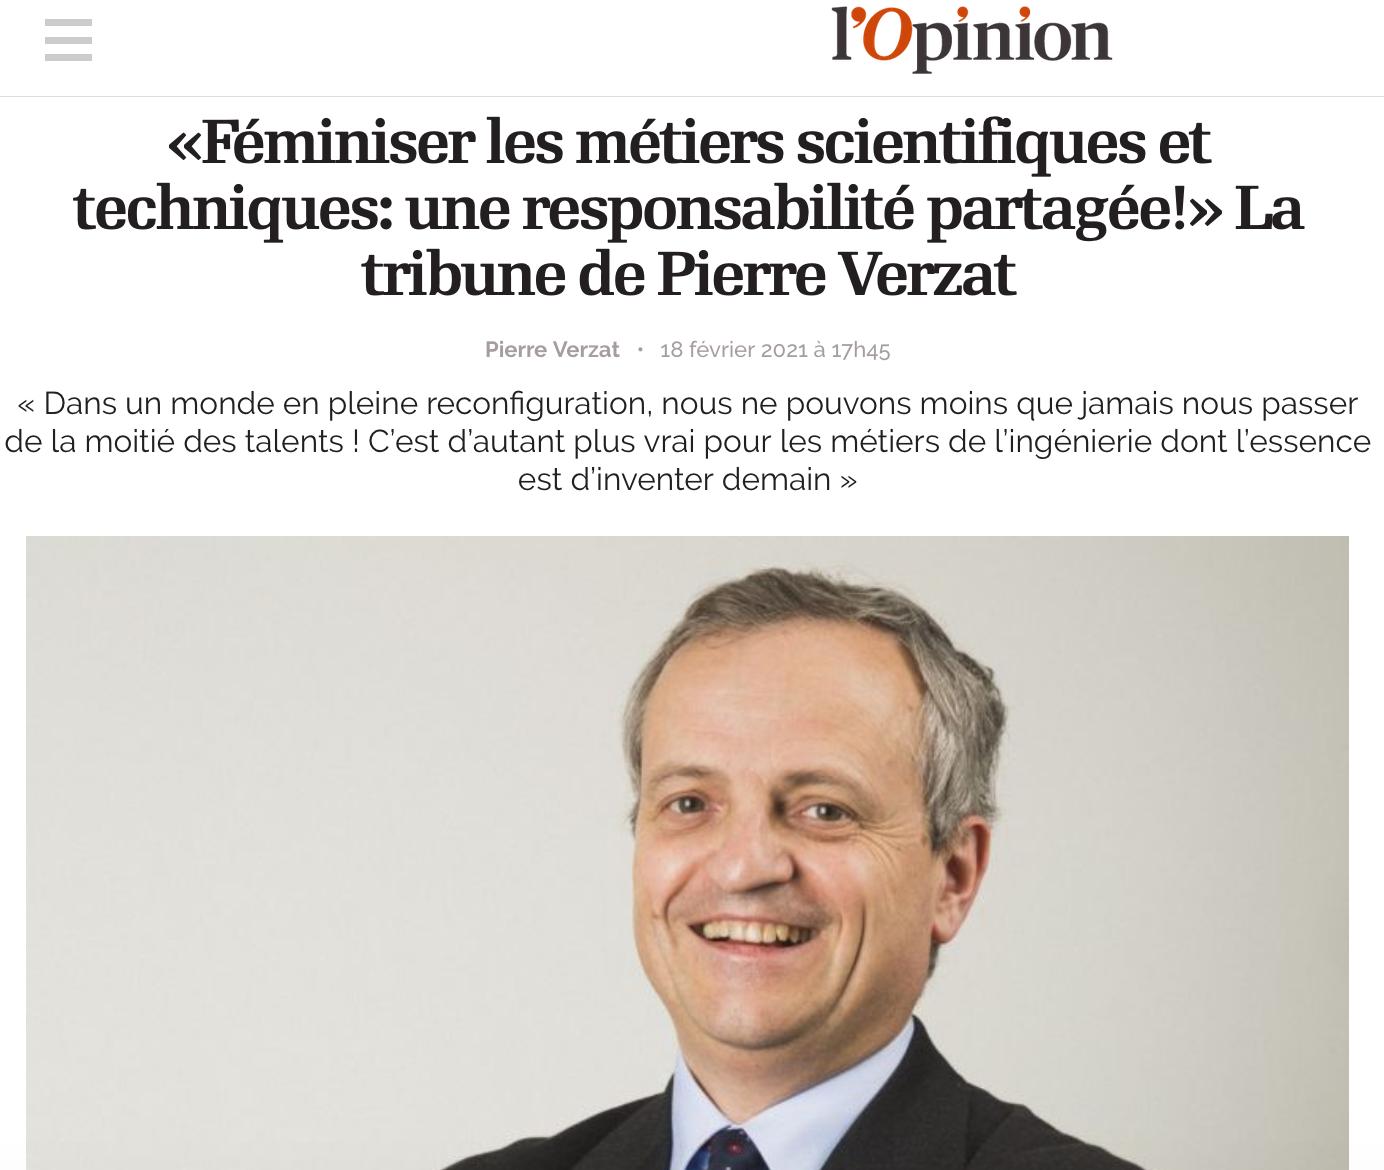 «Féminiser les métiers scientifiques et techniques : une responsabilité partagée!» La tribune de Pierre Verzat dans L'Opinion